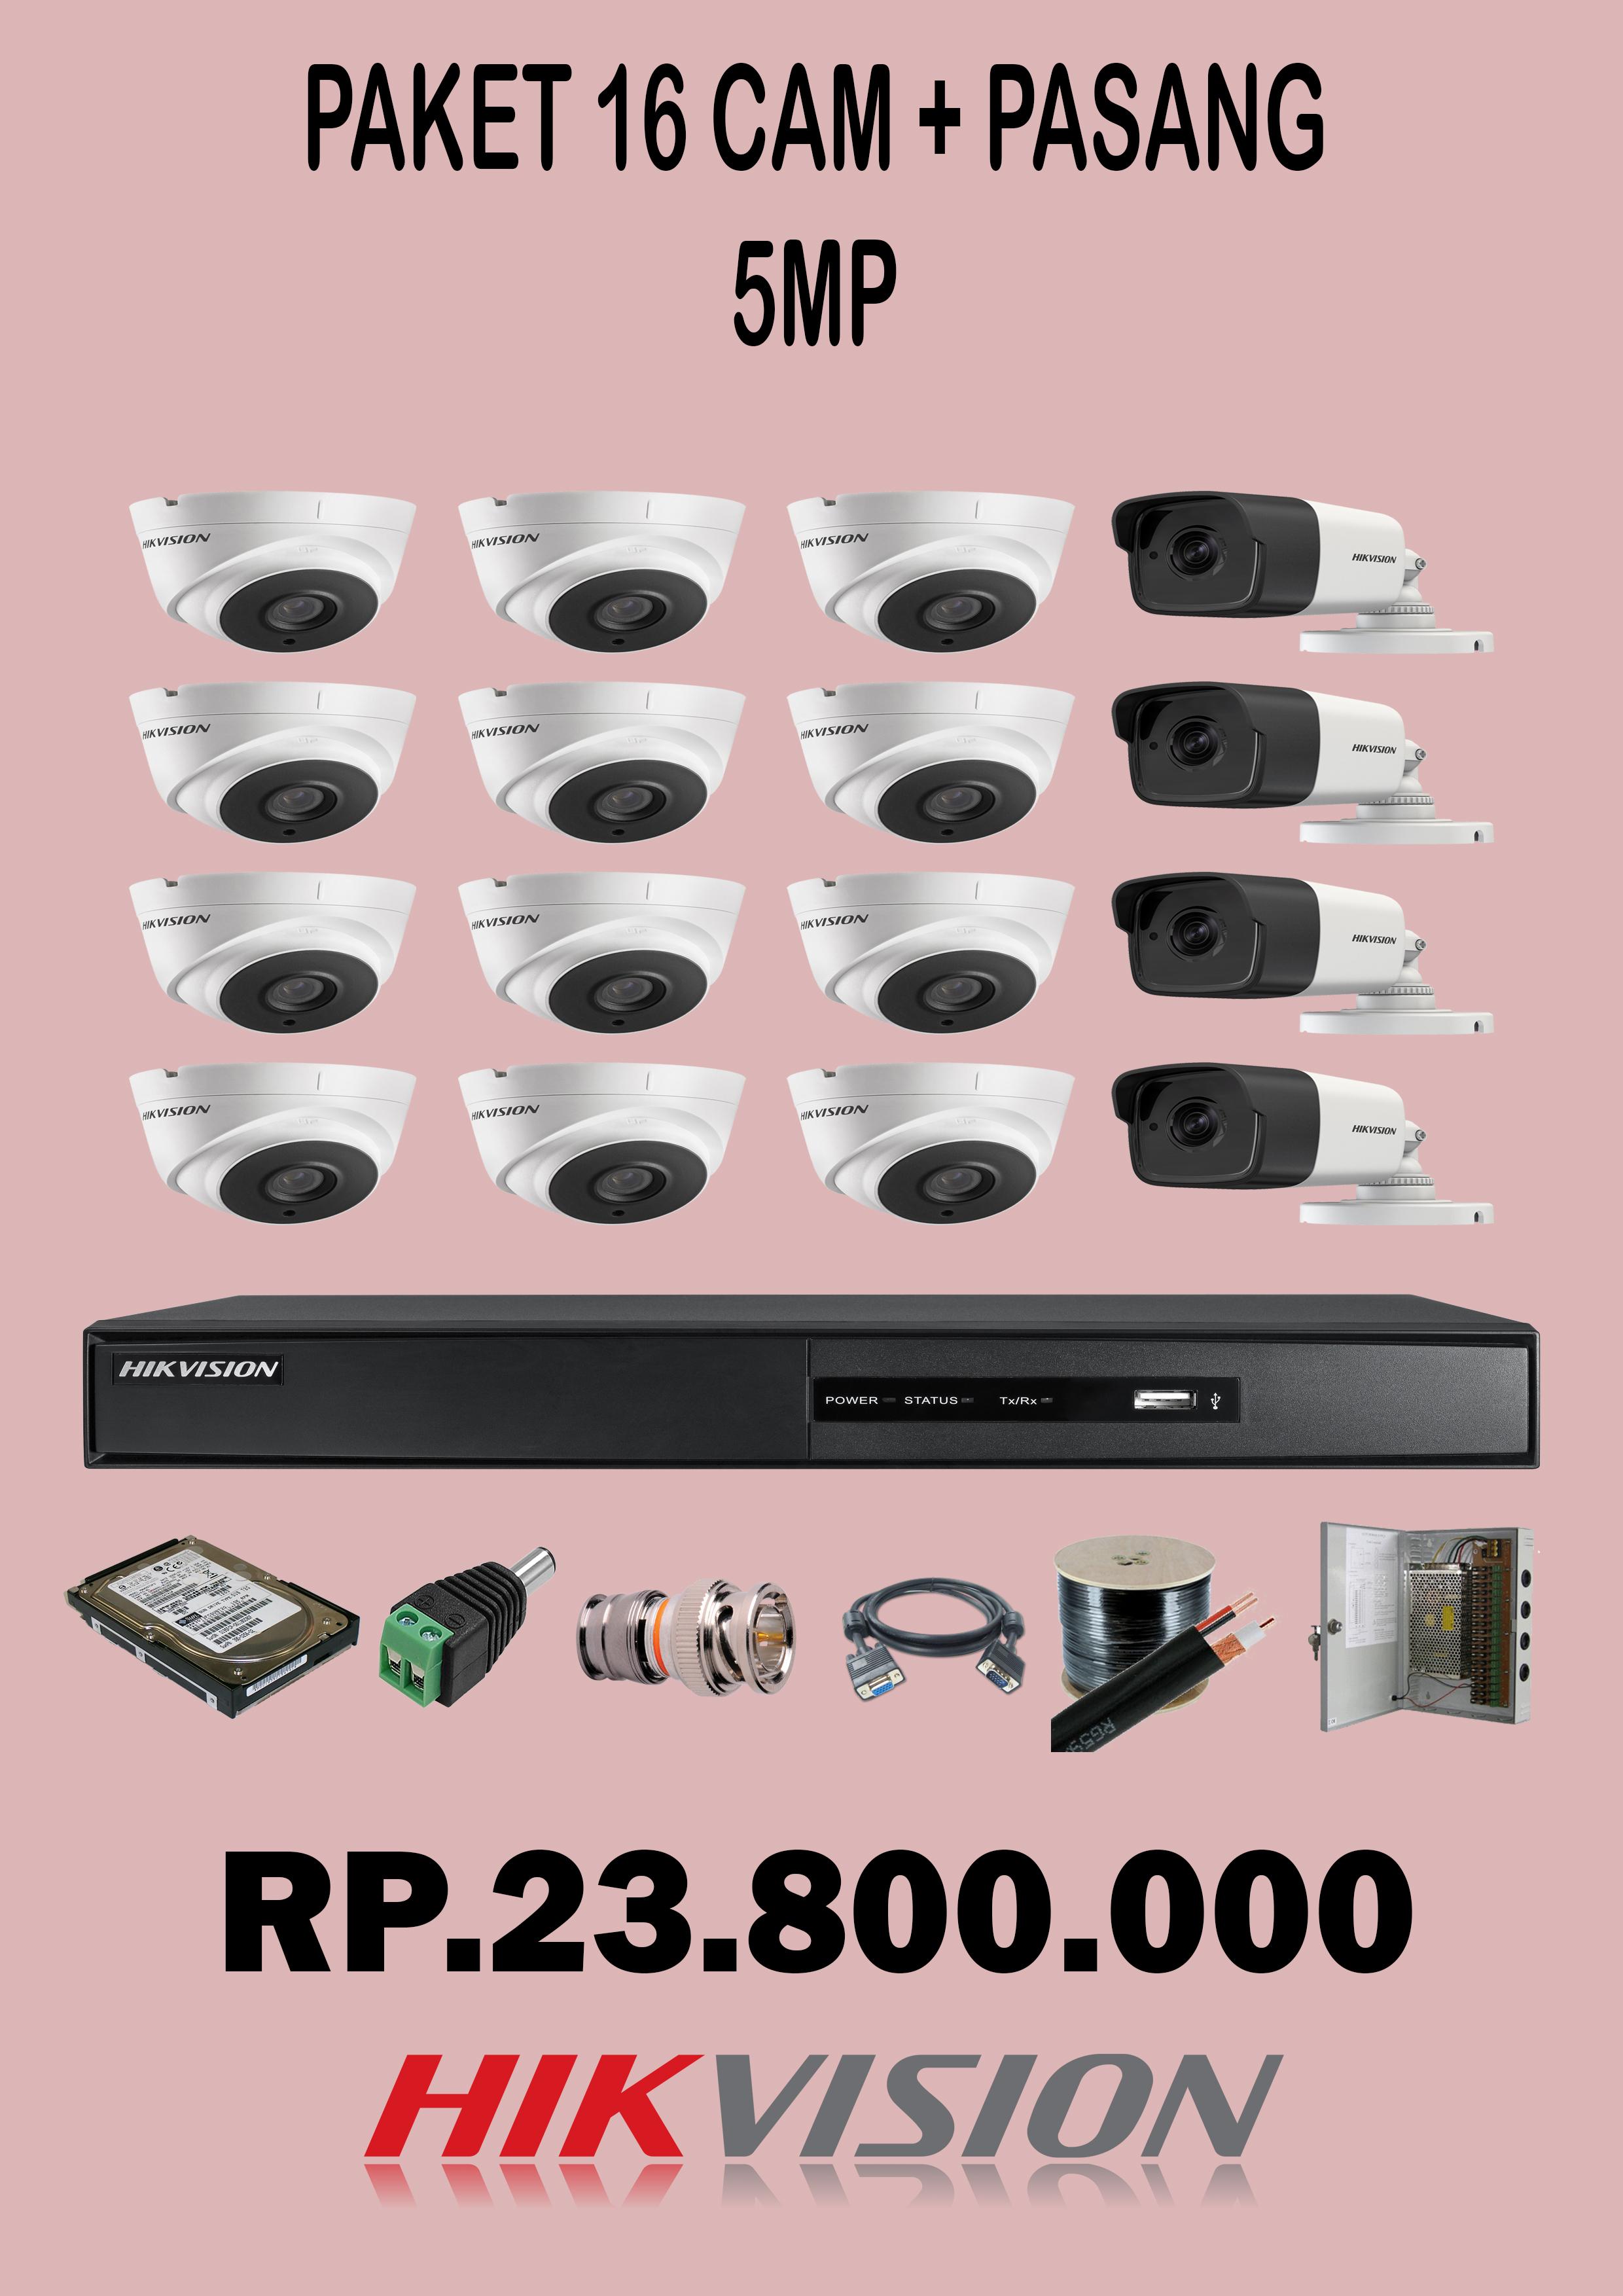 Paket 16 Camera CCTV 5Mp + pasang